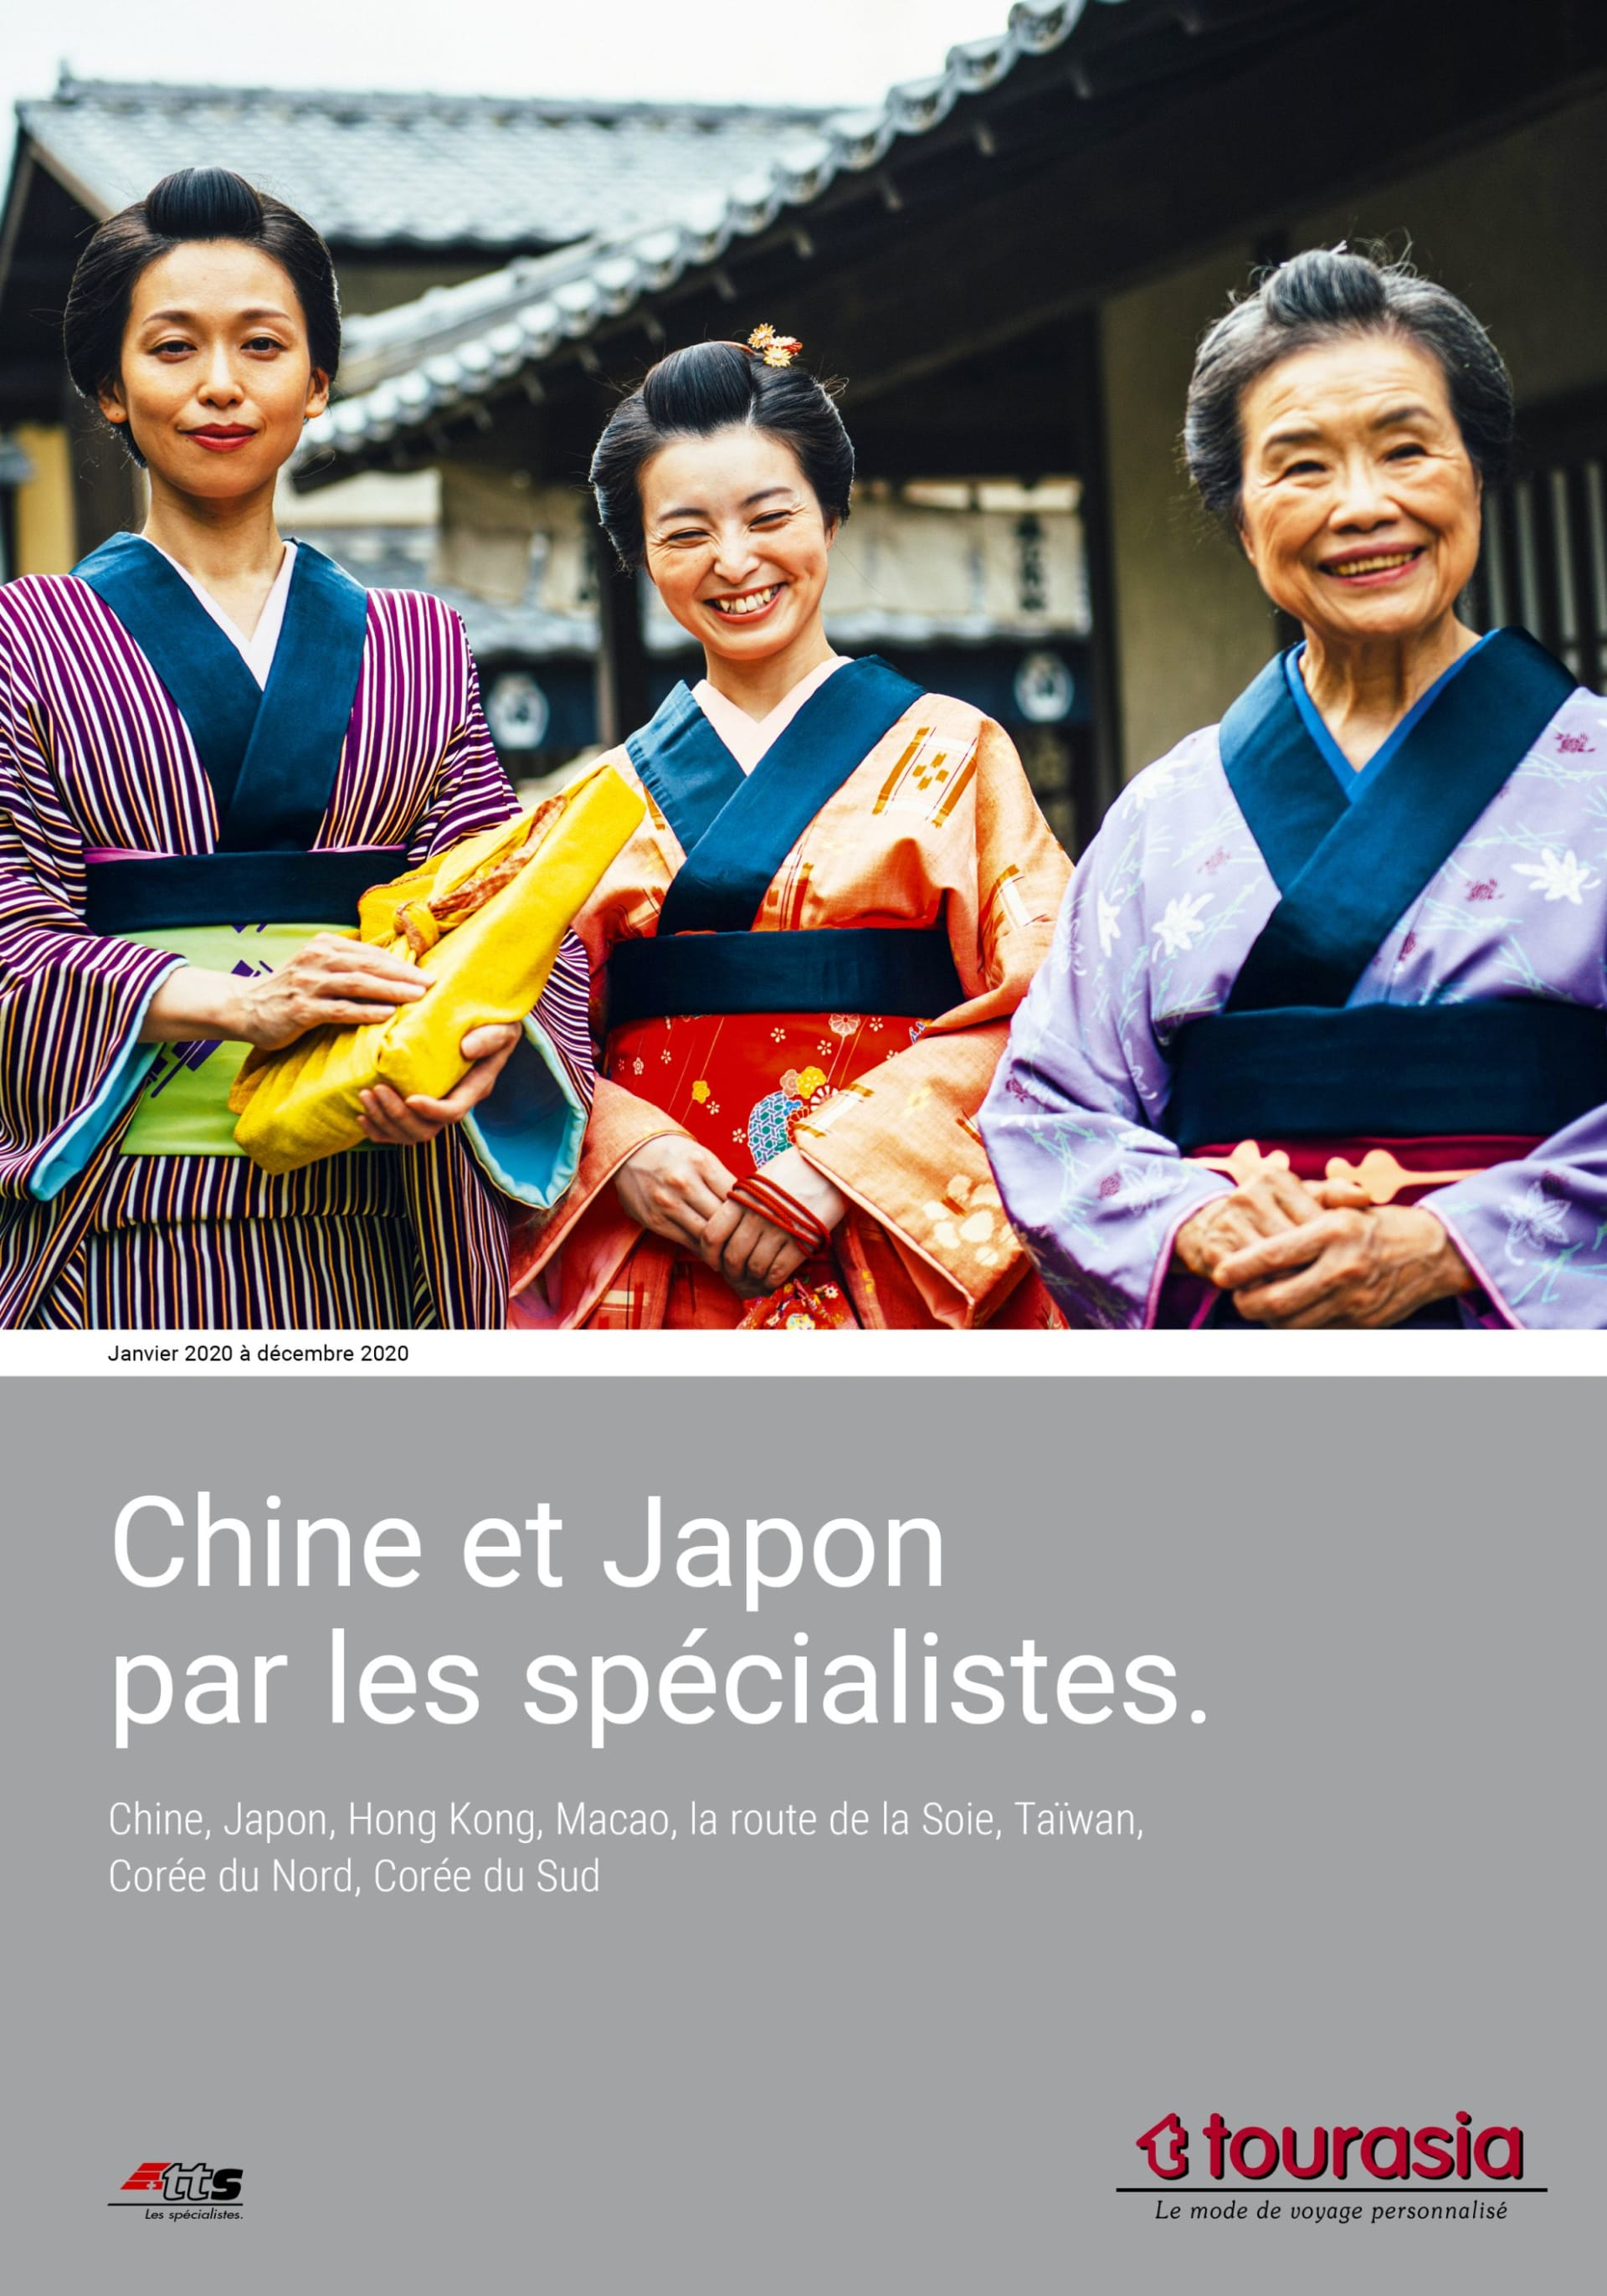 Chine et Japon: Janvier 2020 - Decembre 2020